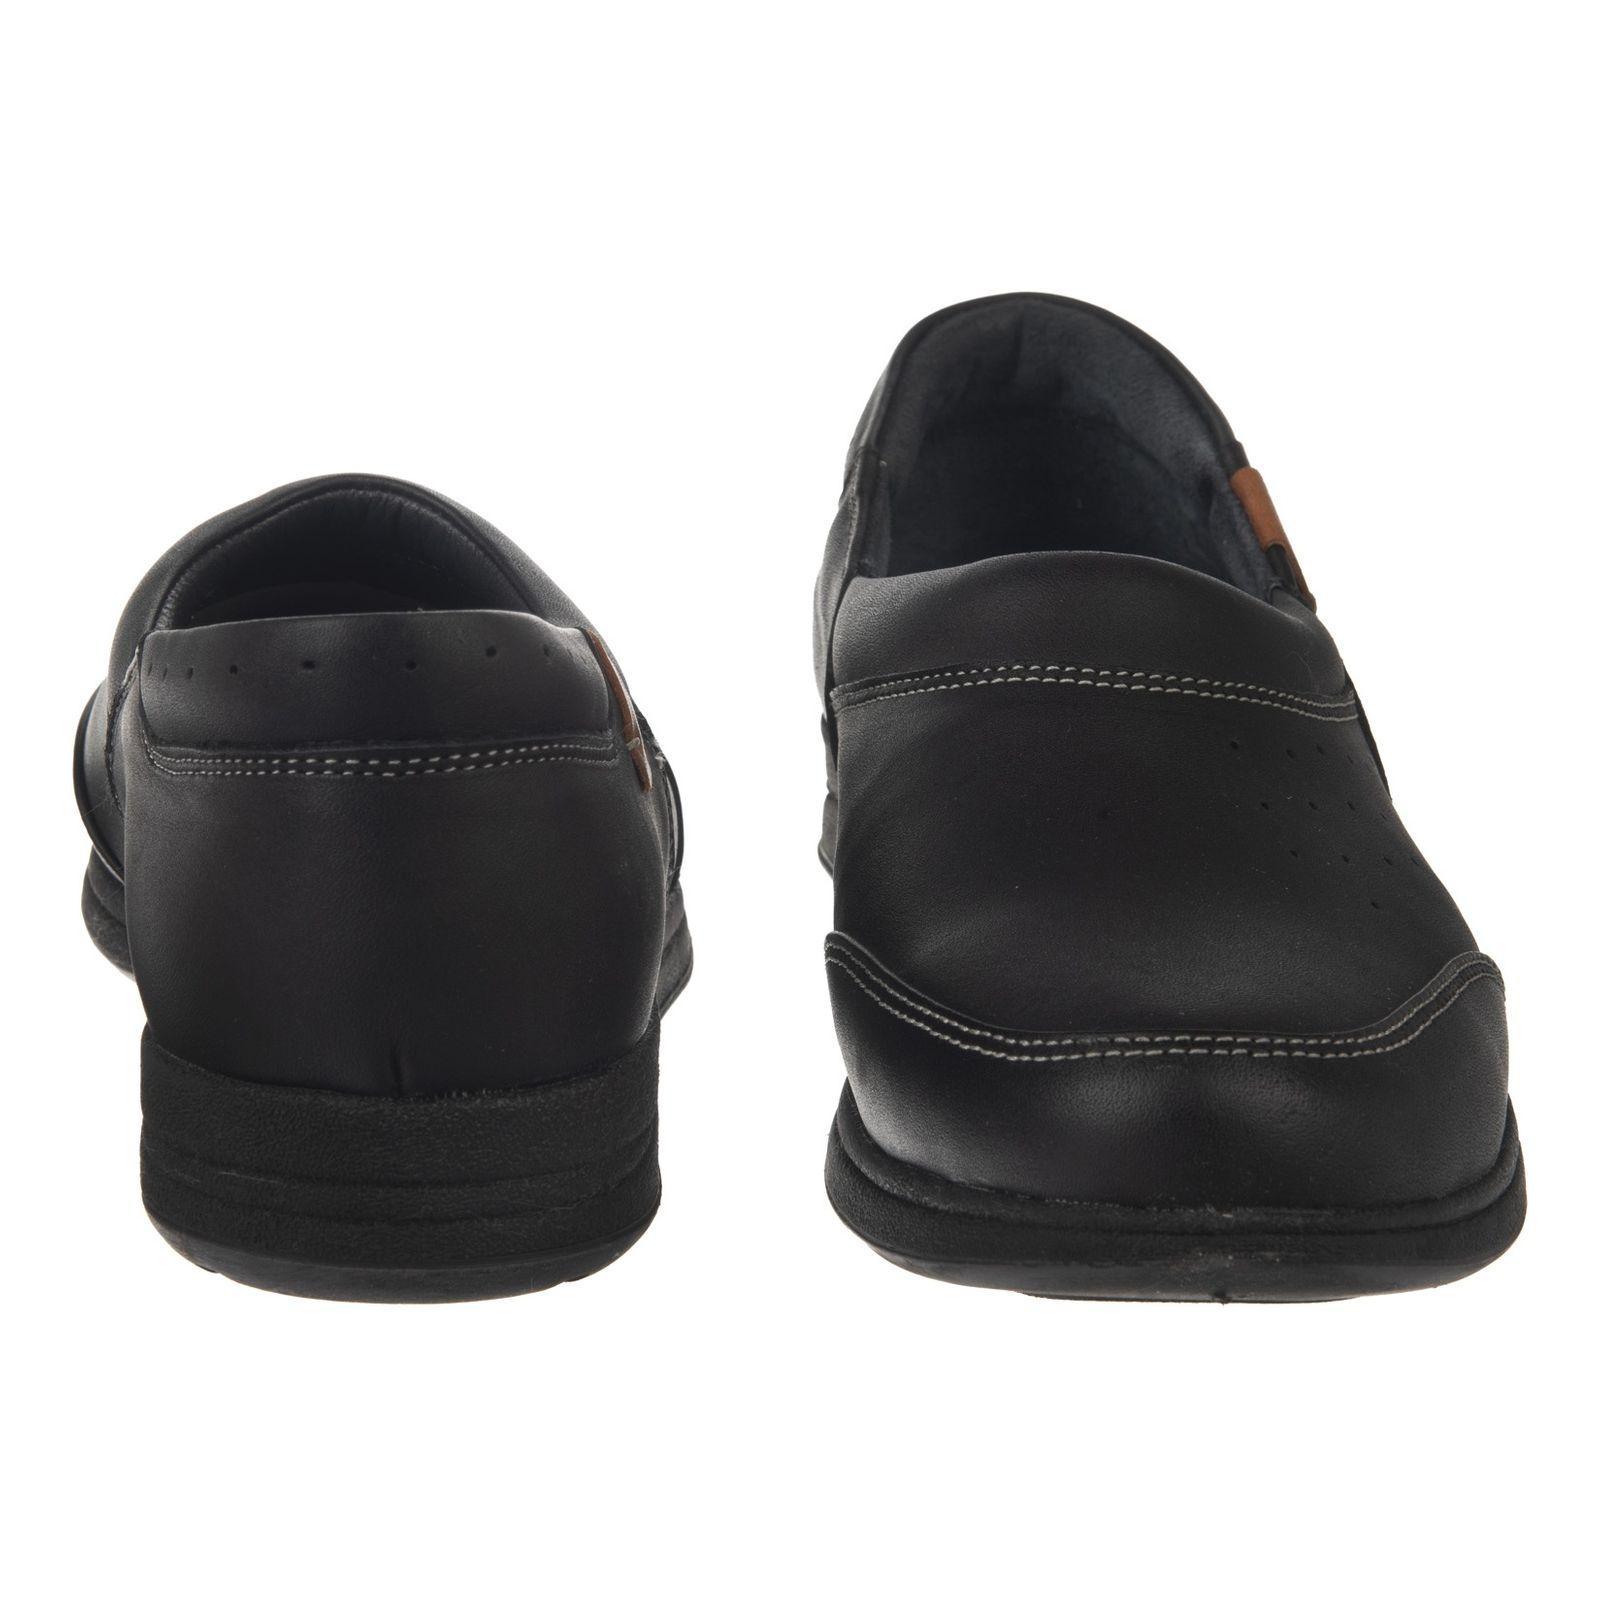 کفش روزمره زنانه شیفر مدل 5181B-101 - مشکی - 5